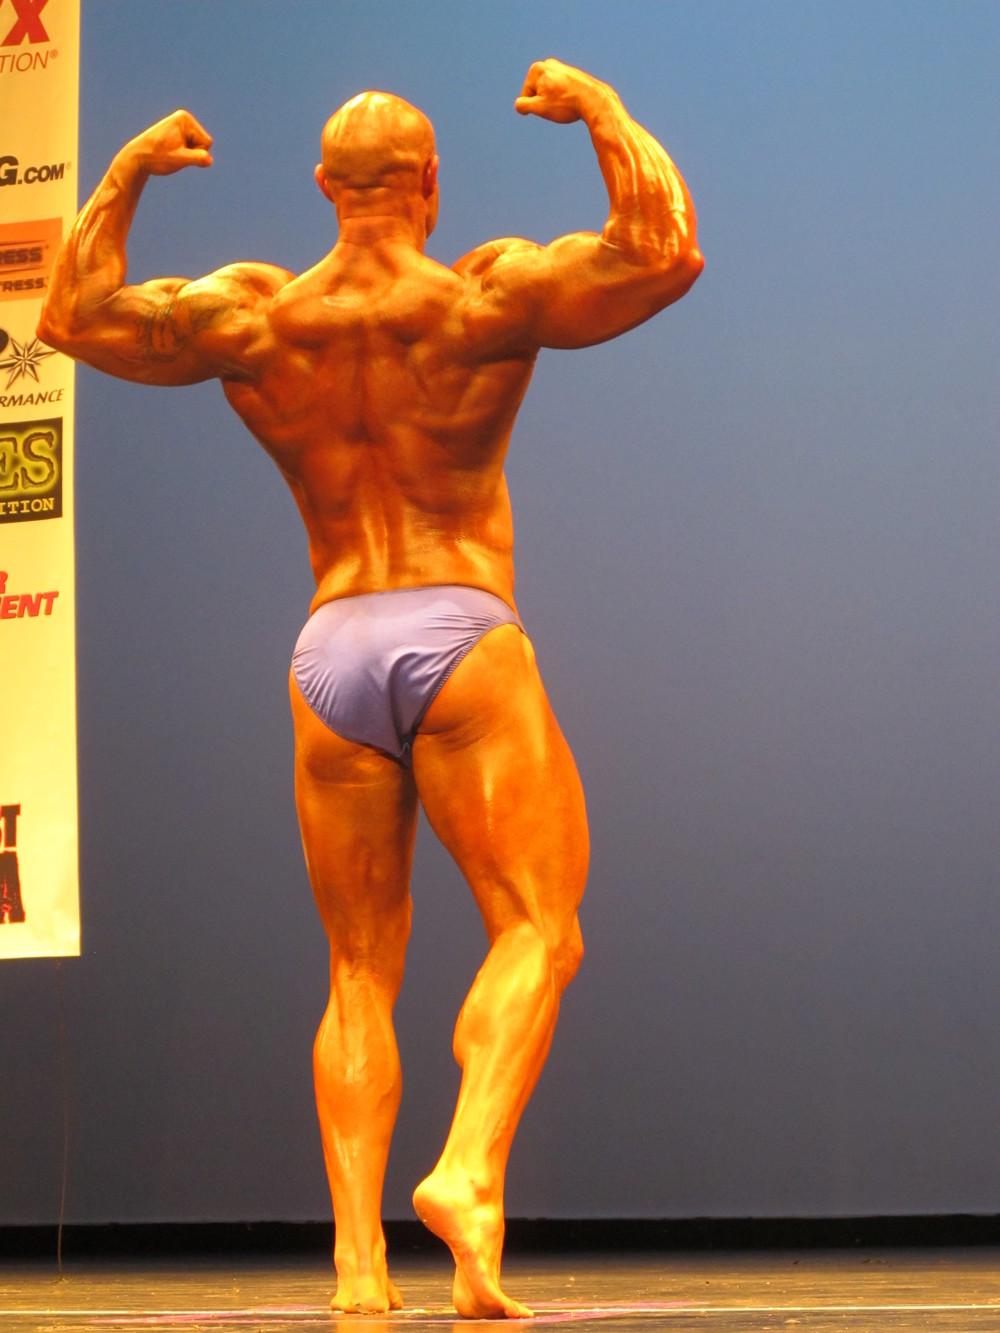 bodybuilding 243.jpg